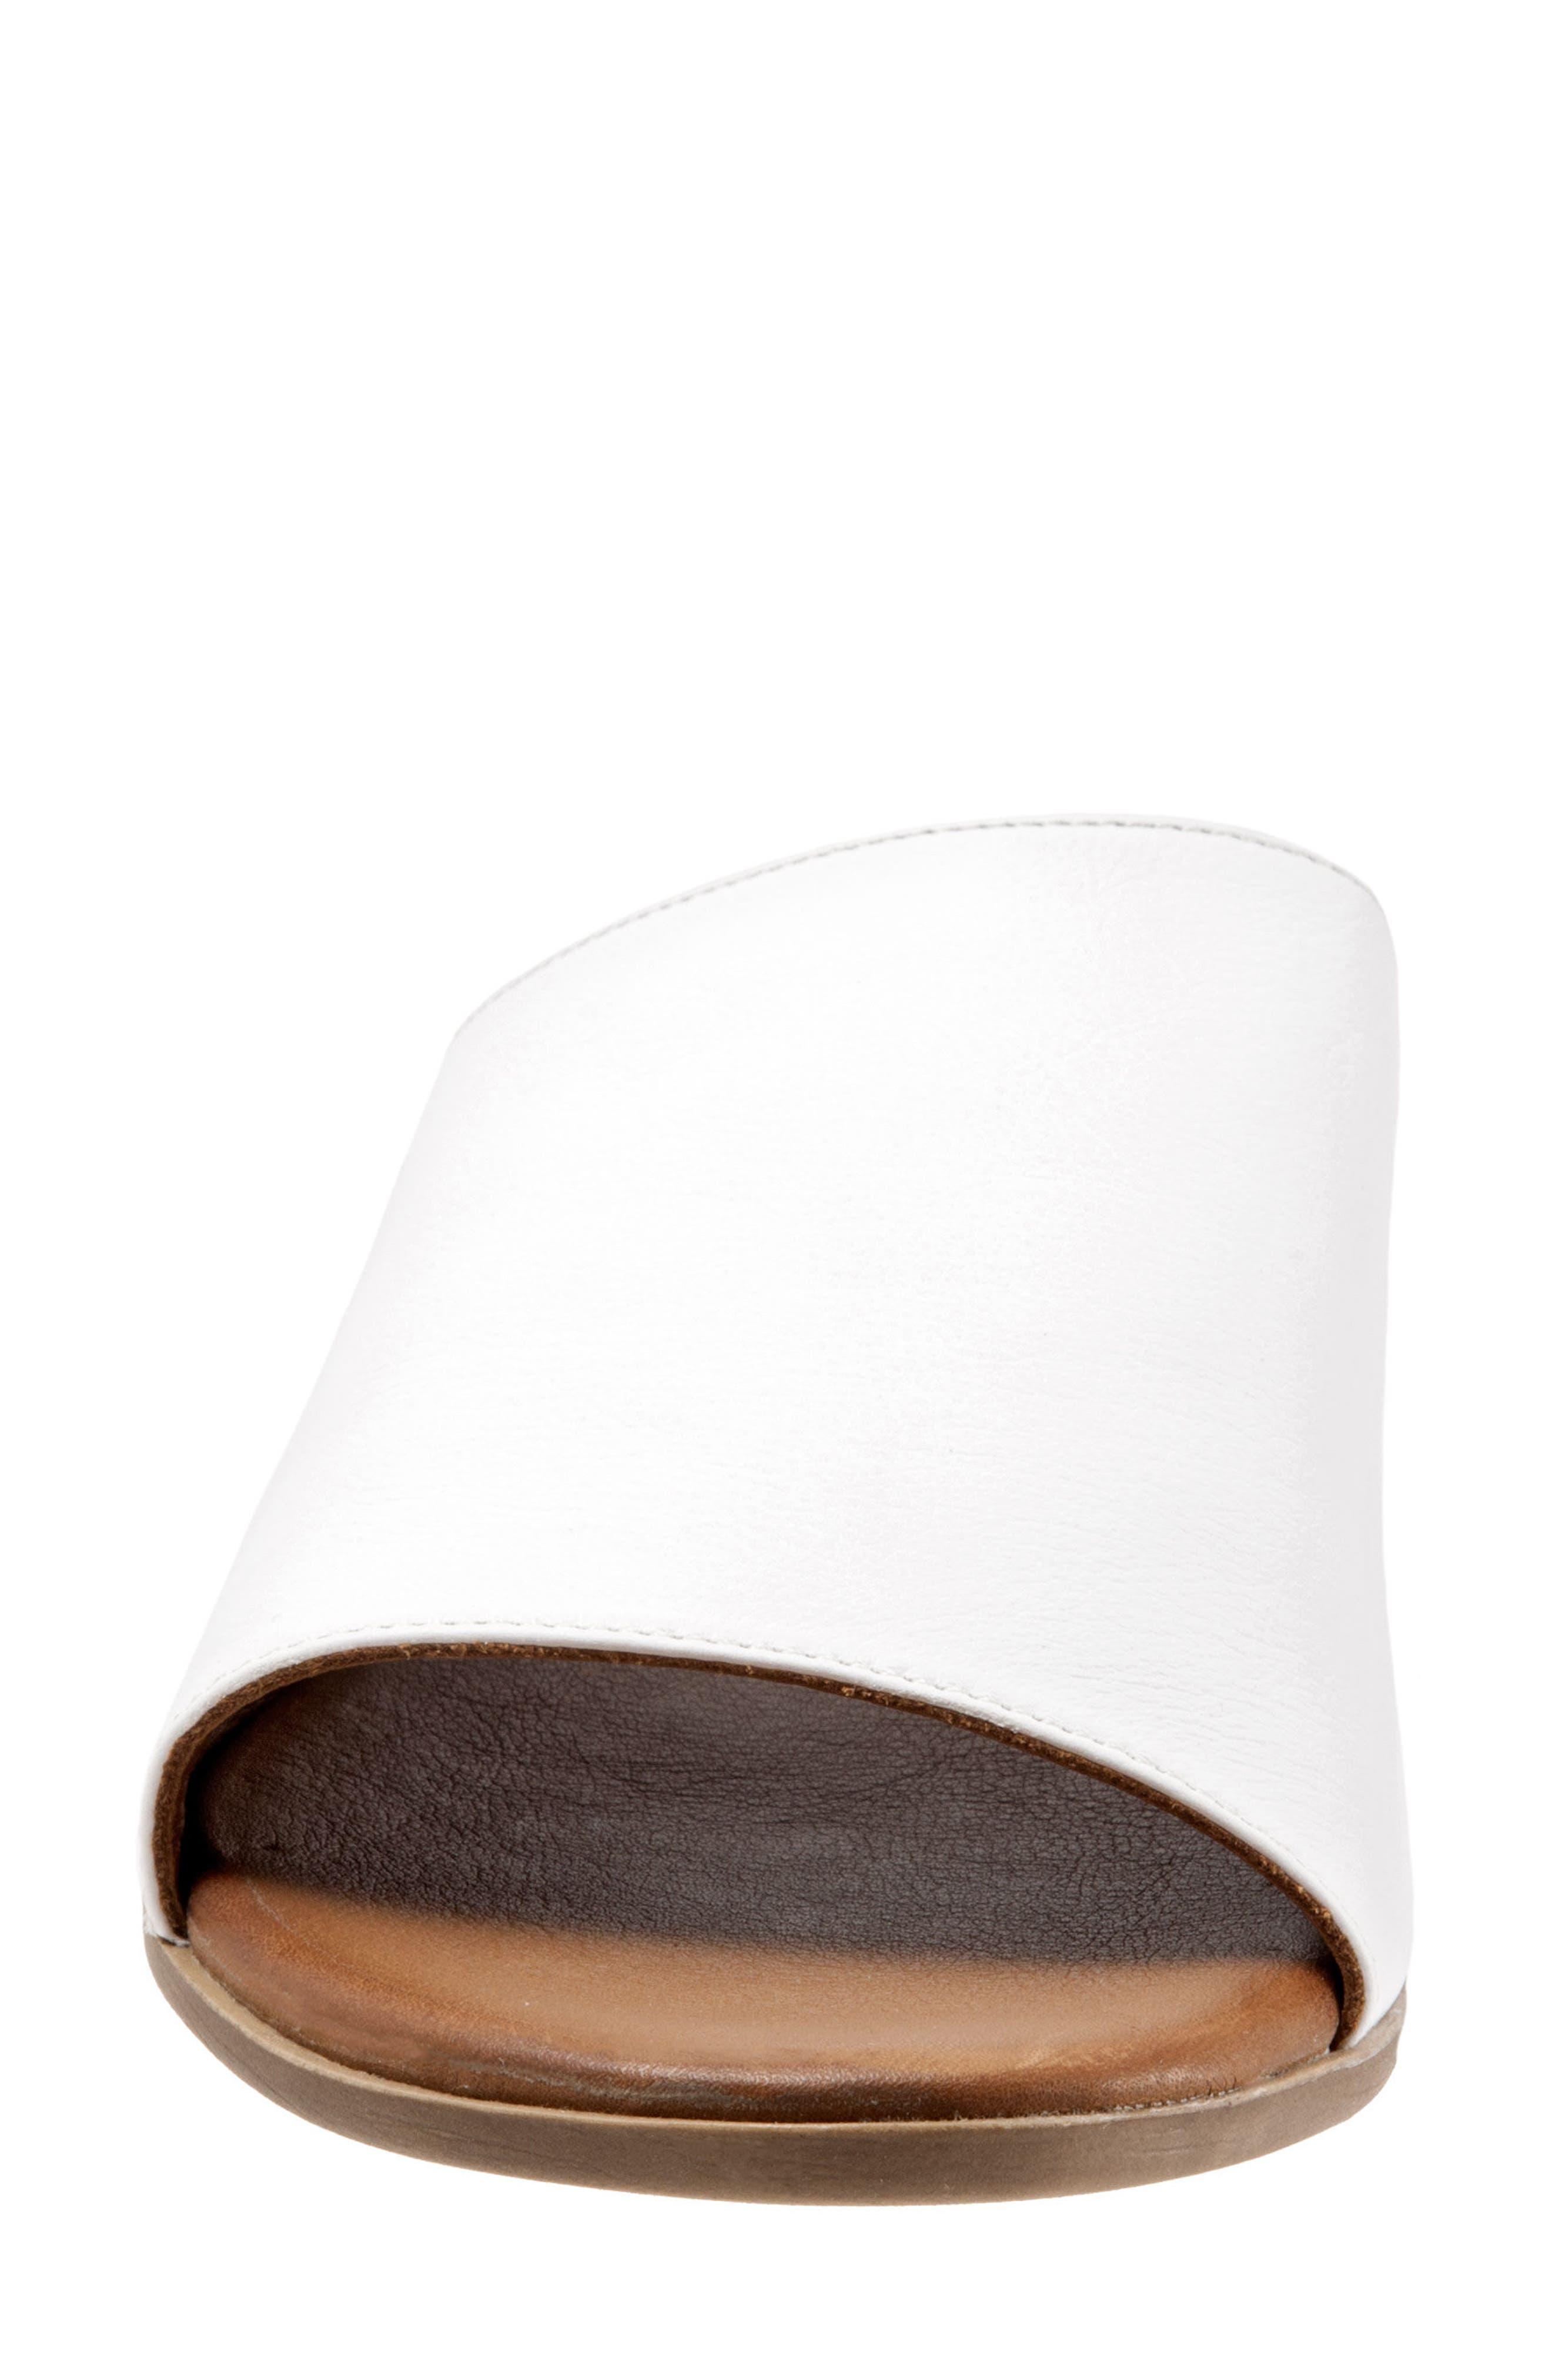 Jory Slide Sandal,                             Alternate thumbnail 4, color,                             White Leather